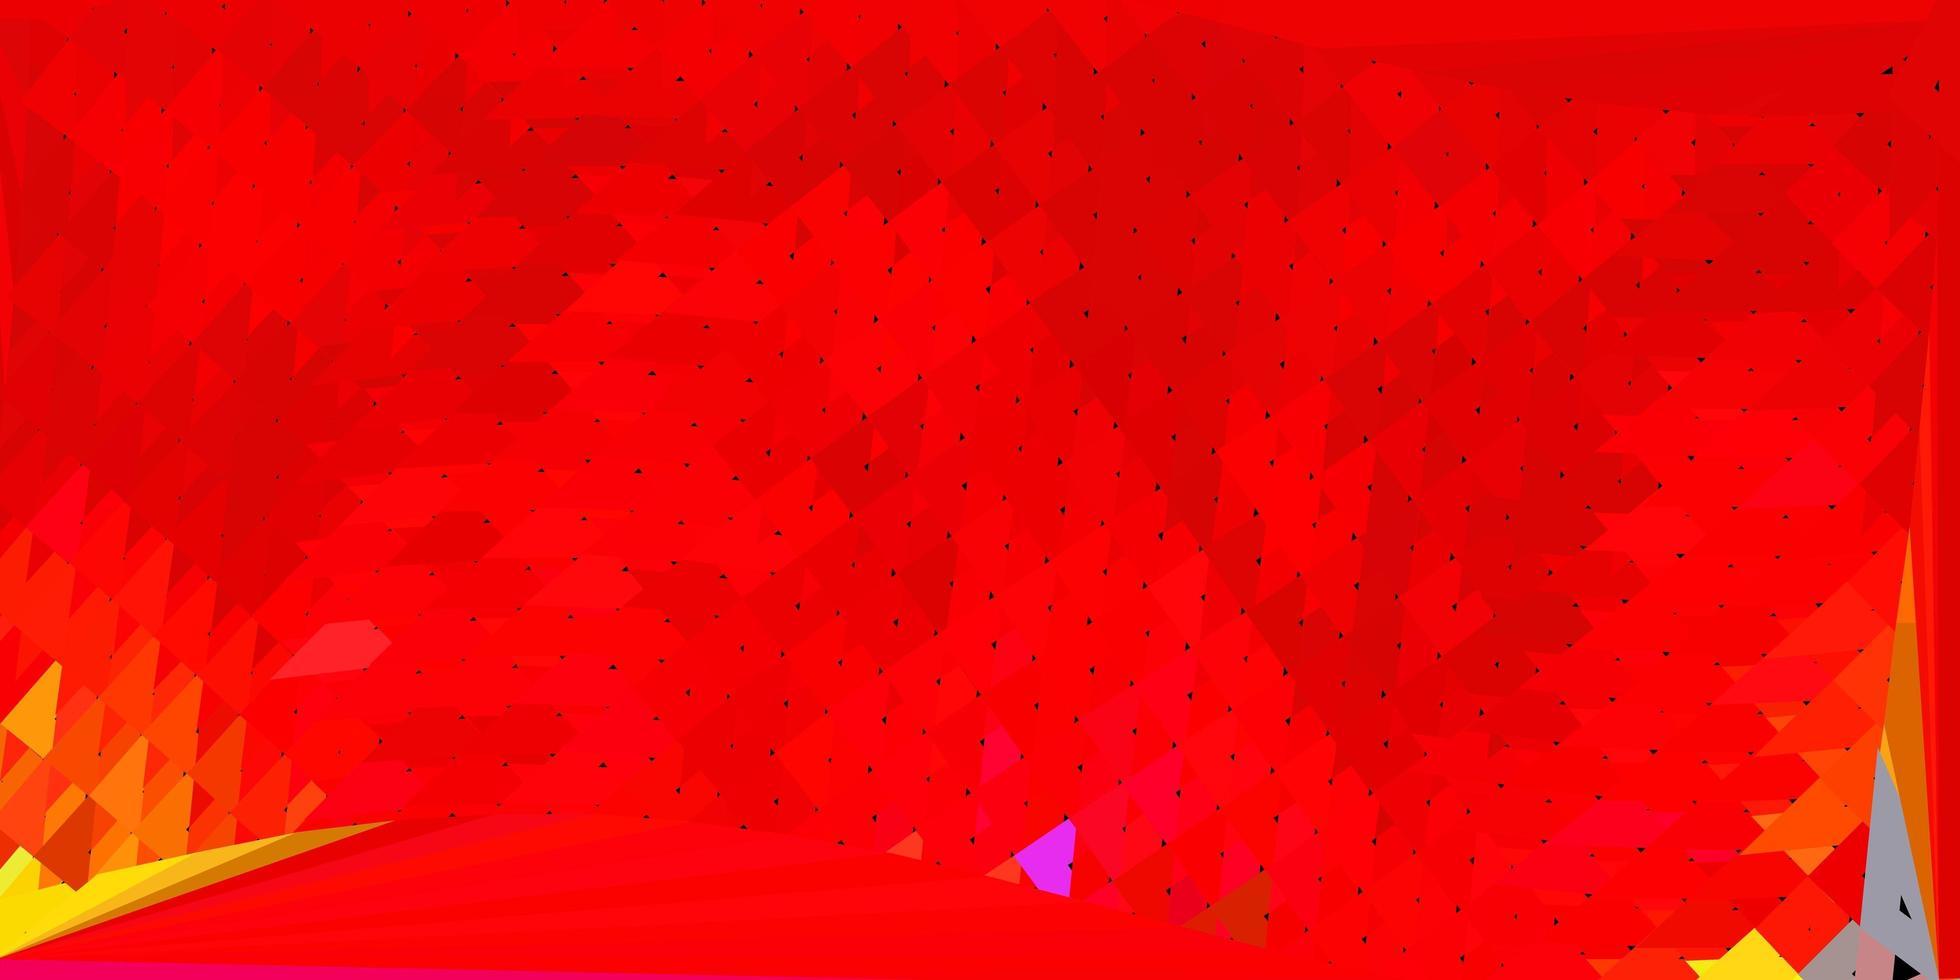 Fondo de pantalla de polígono degradado de vector rojo oscuro.